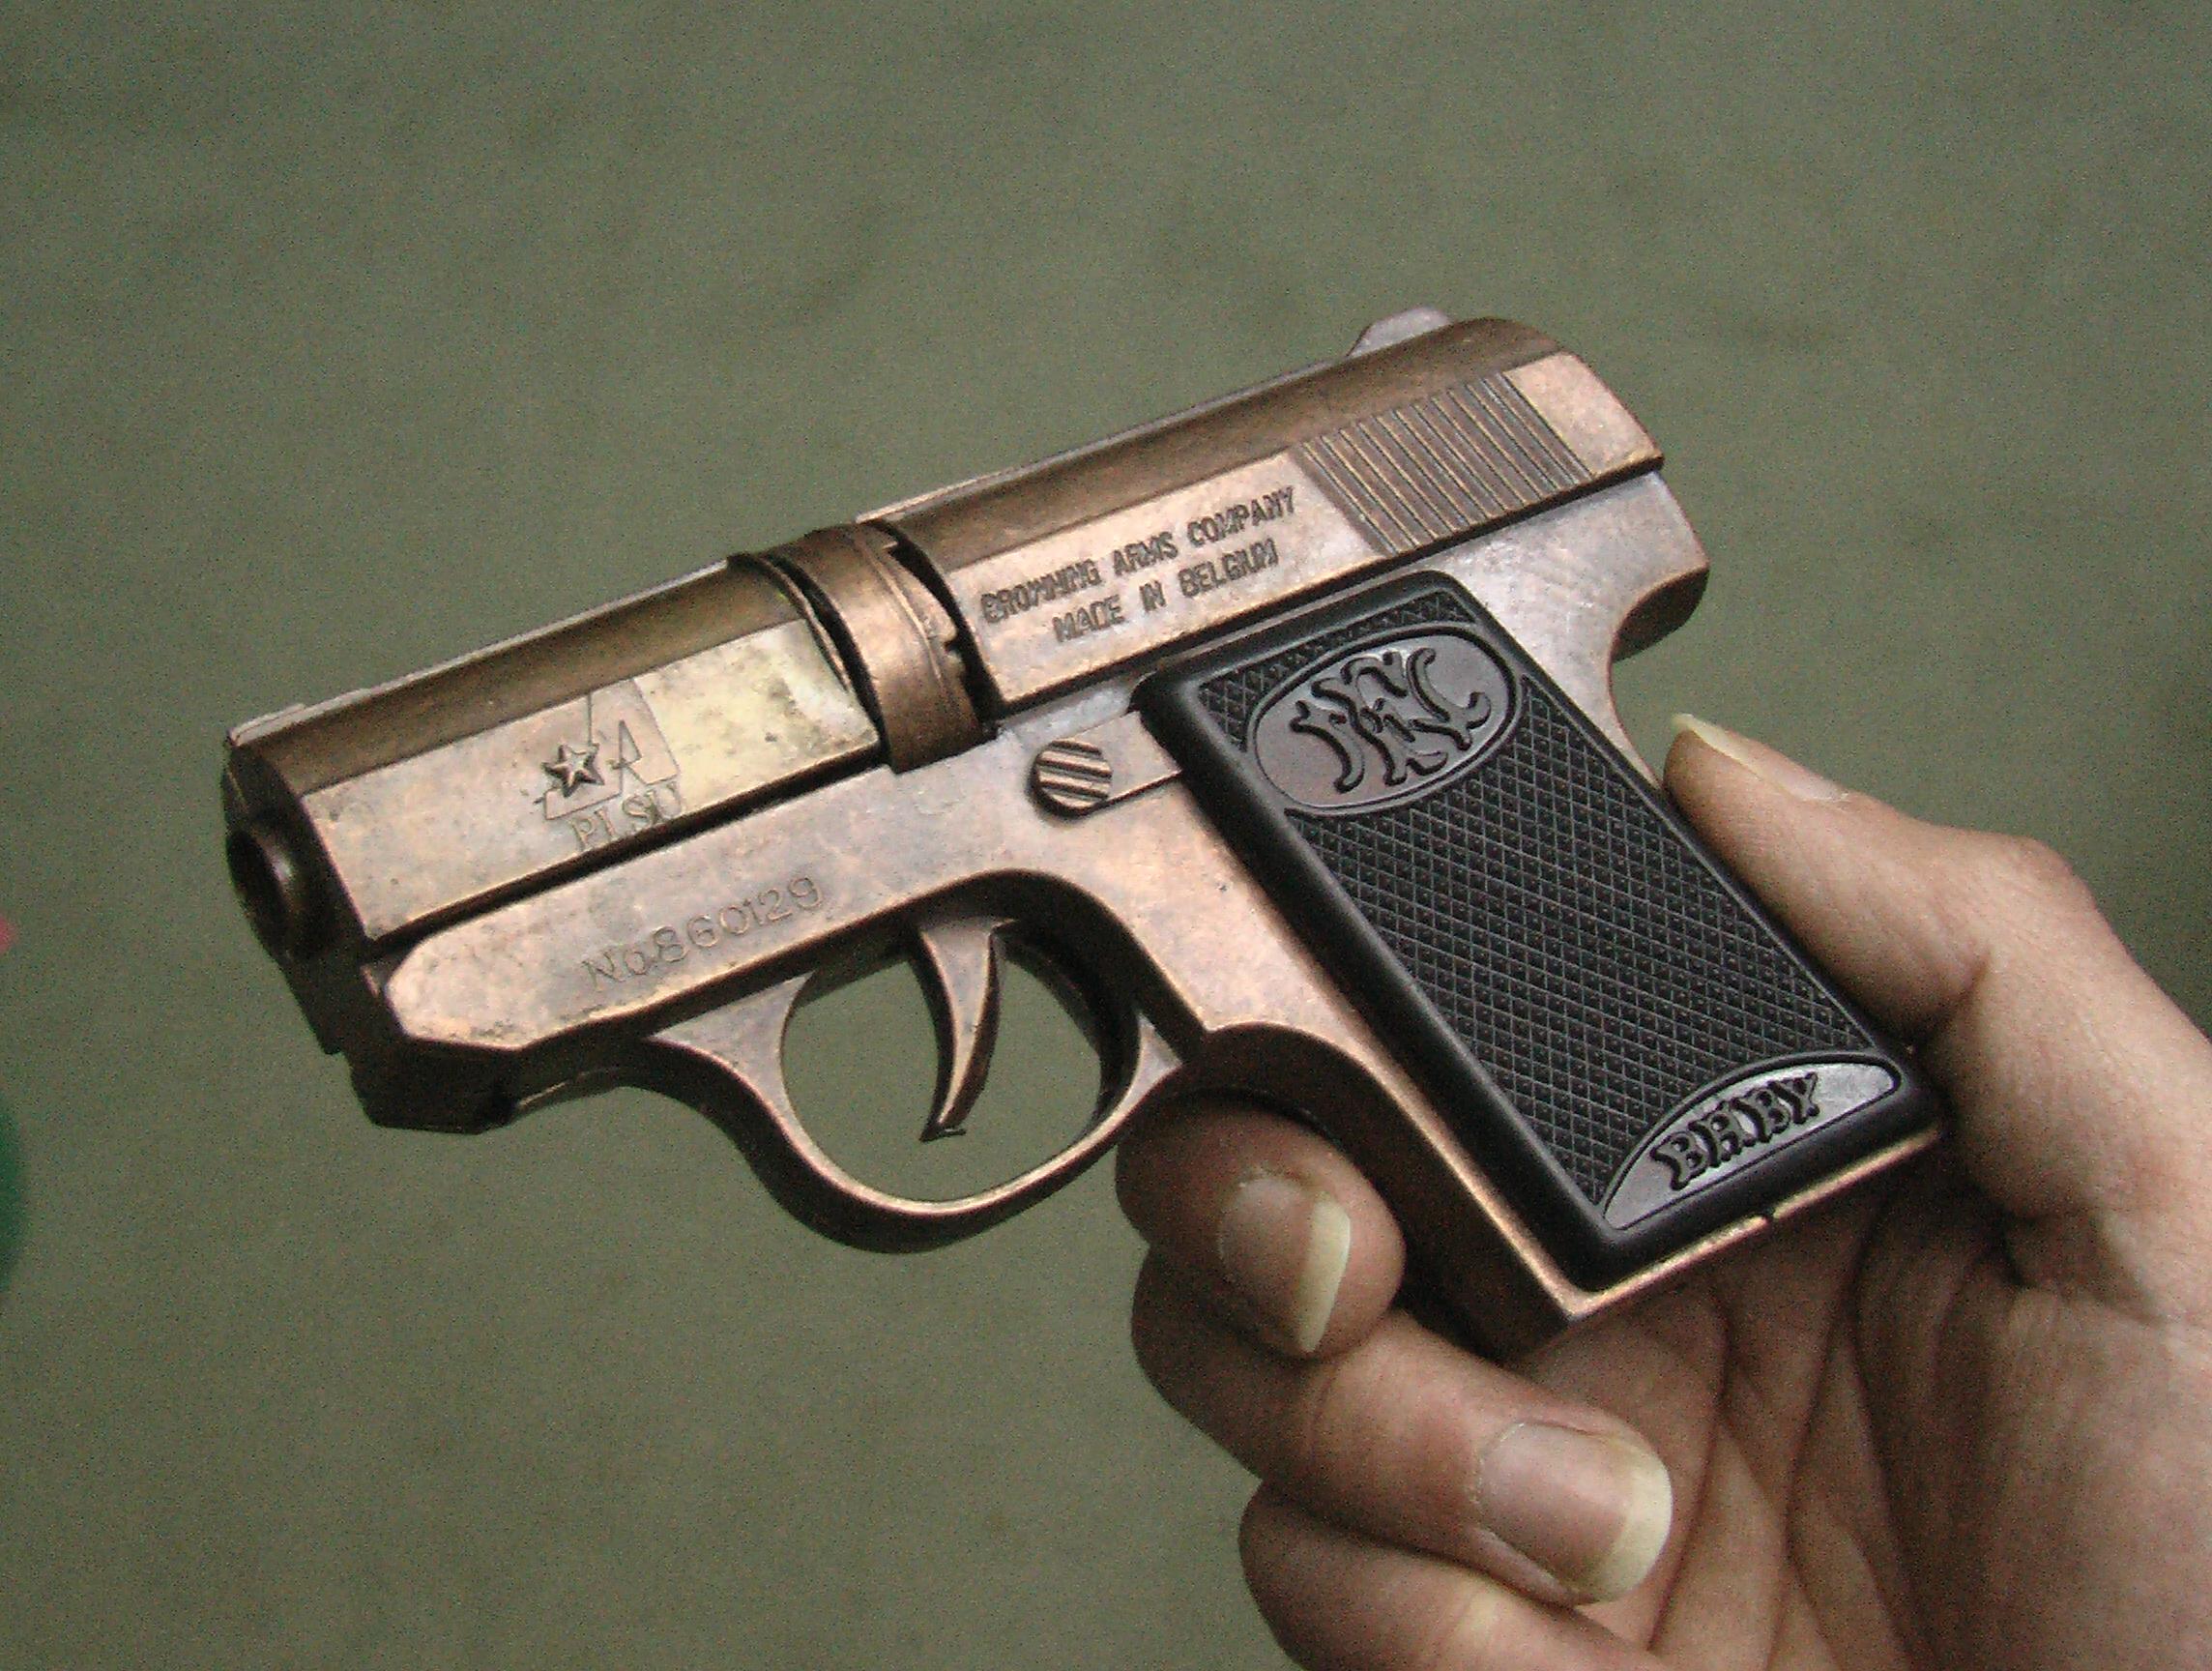 ブローニング・ベビー風火薬銃が...